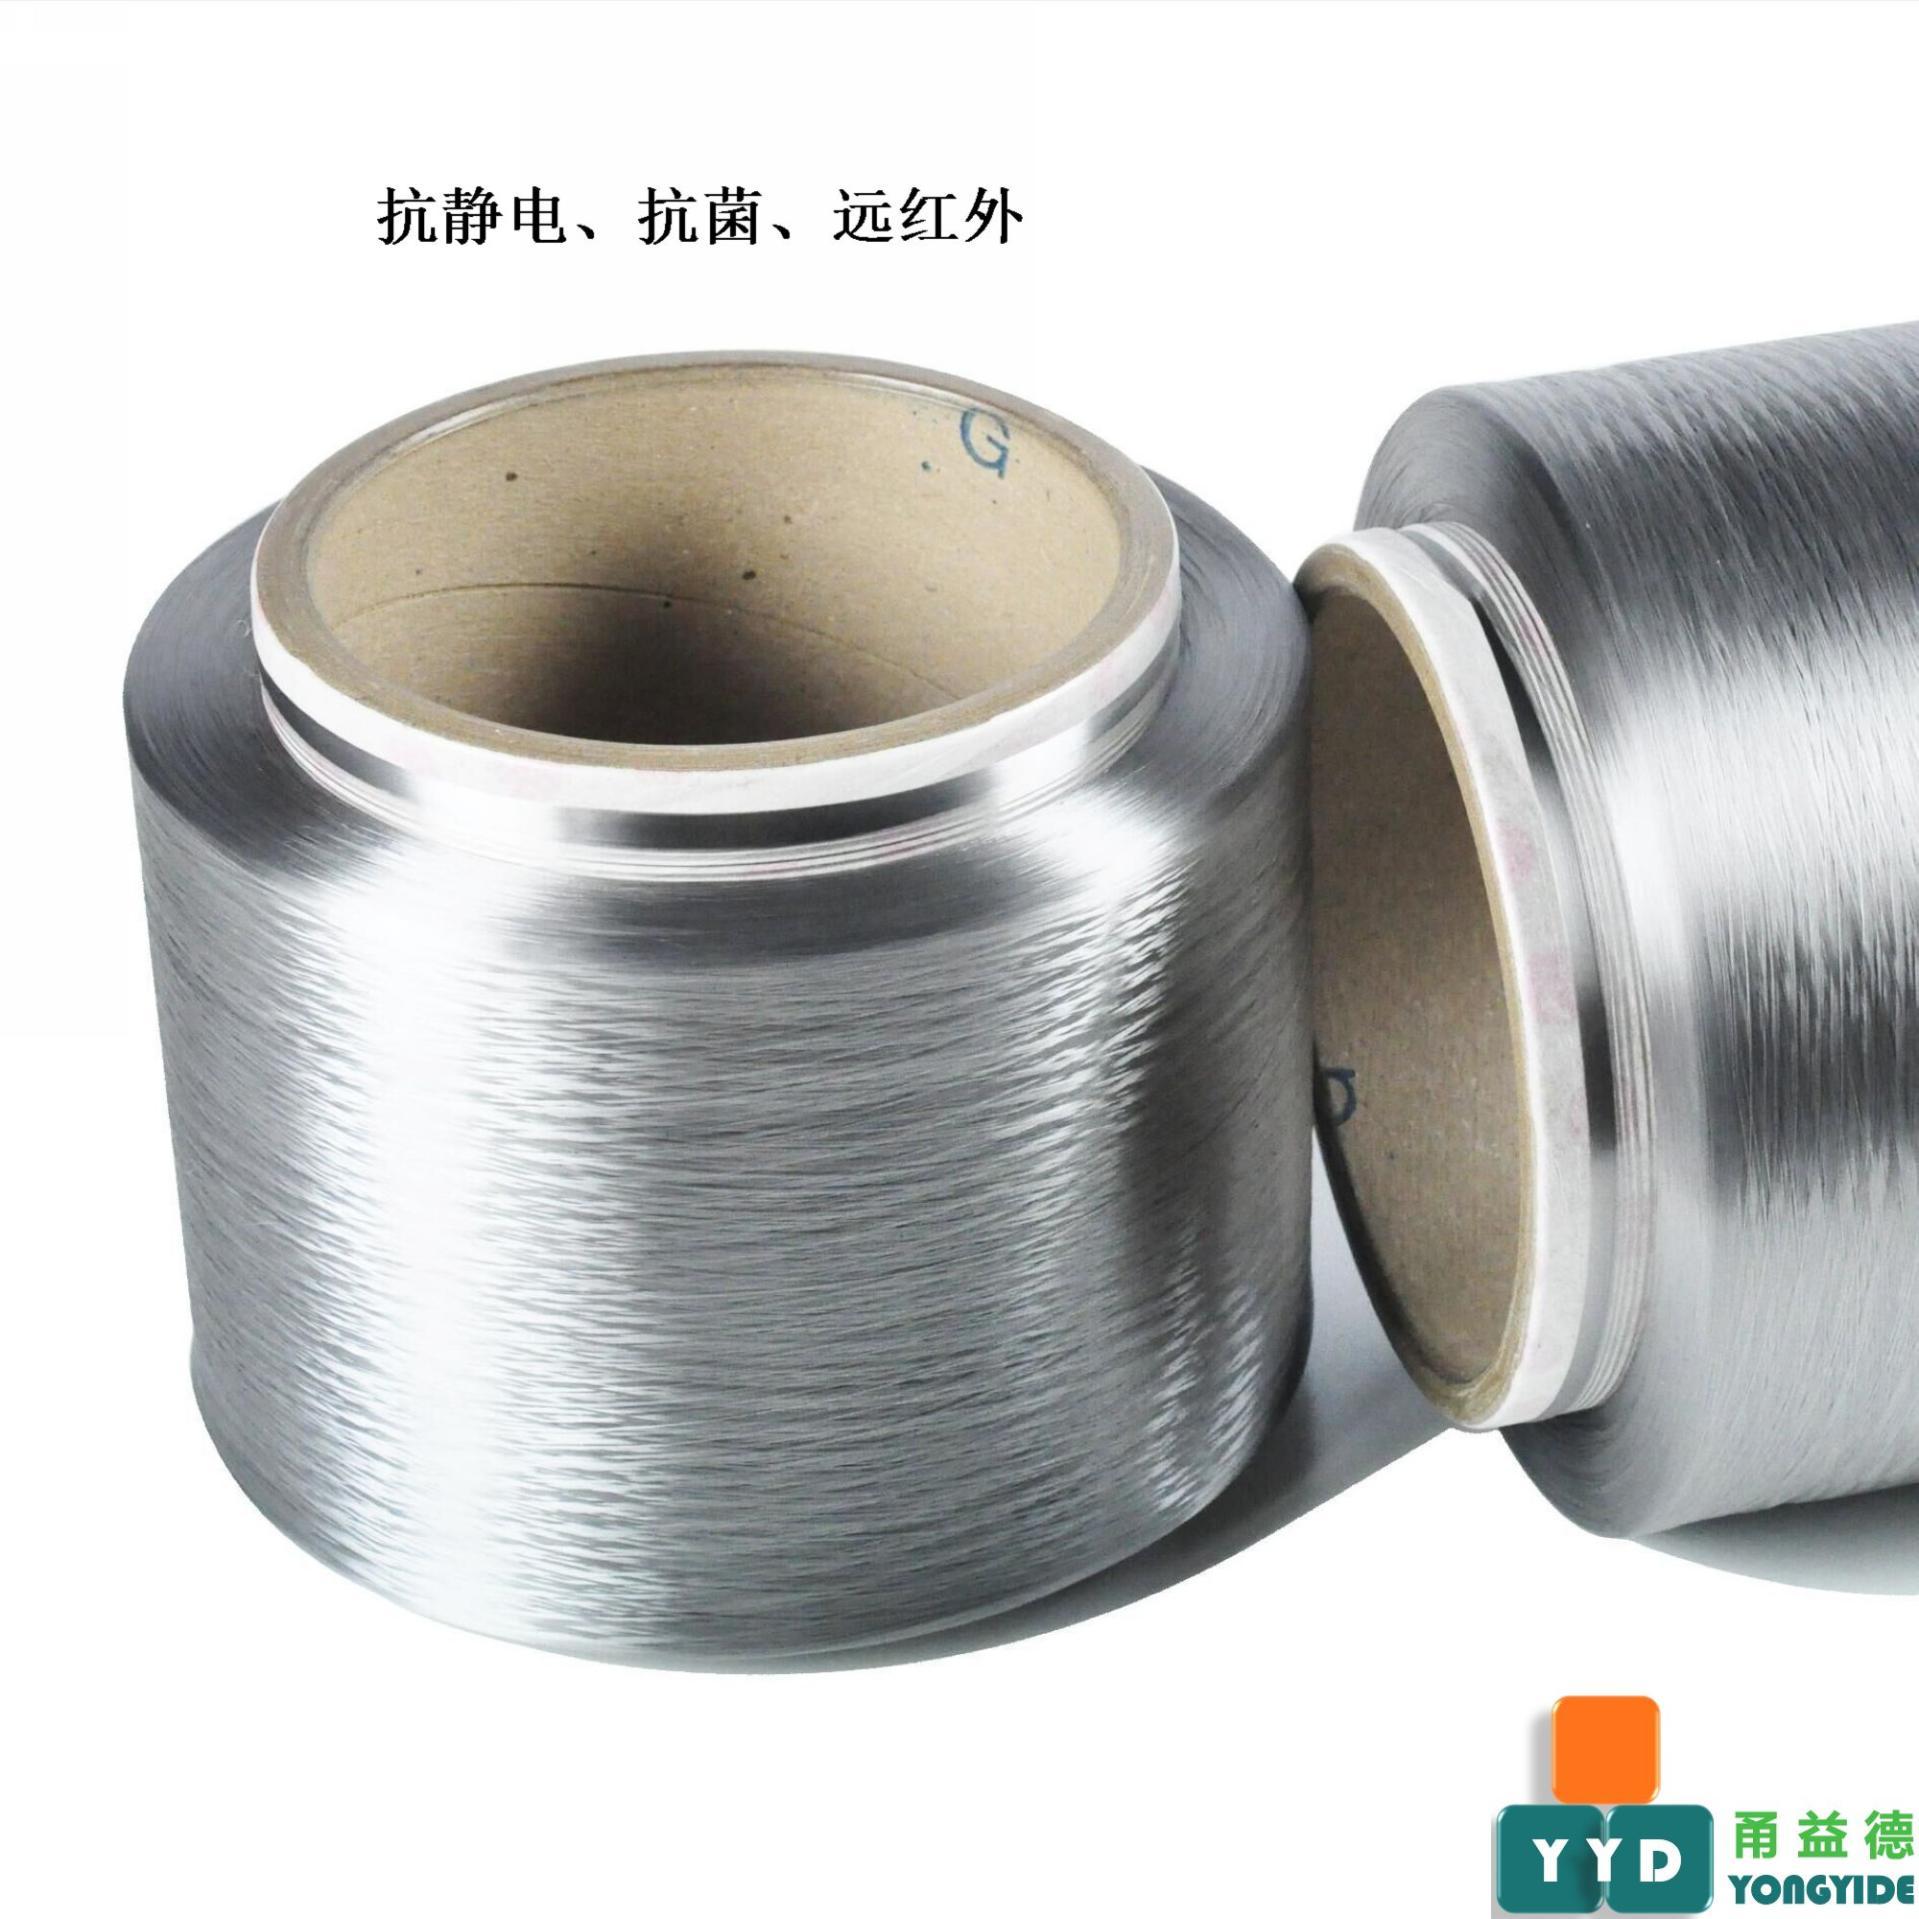 石墨烯改性锦纶 75D/70F/宁波益德新材料